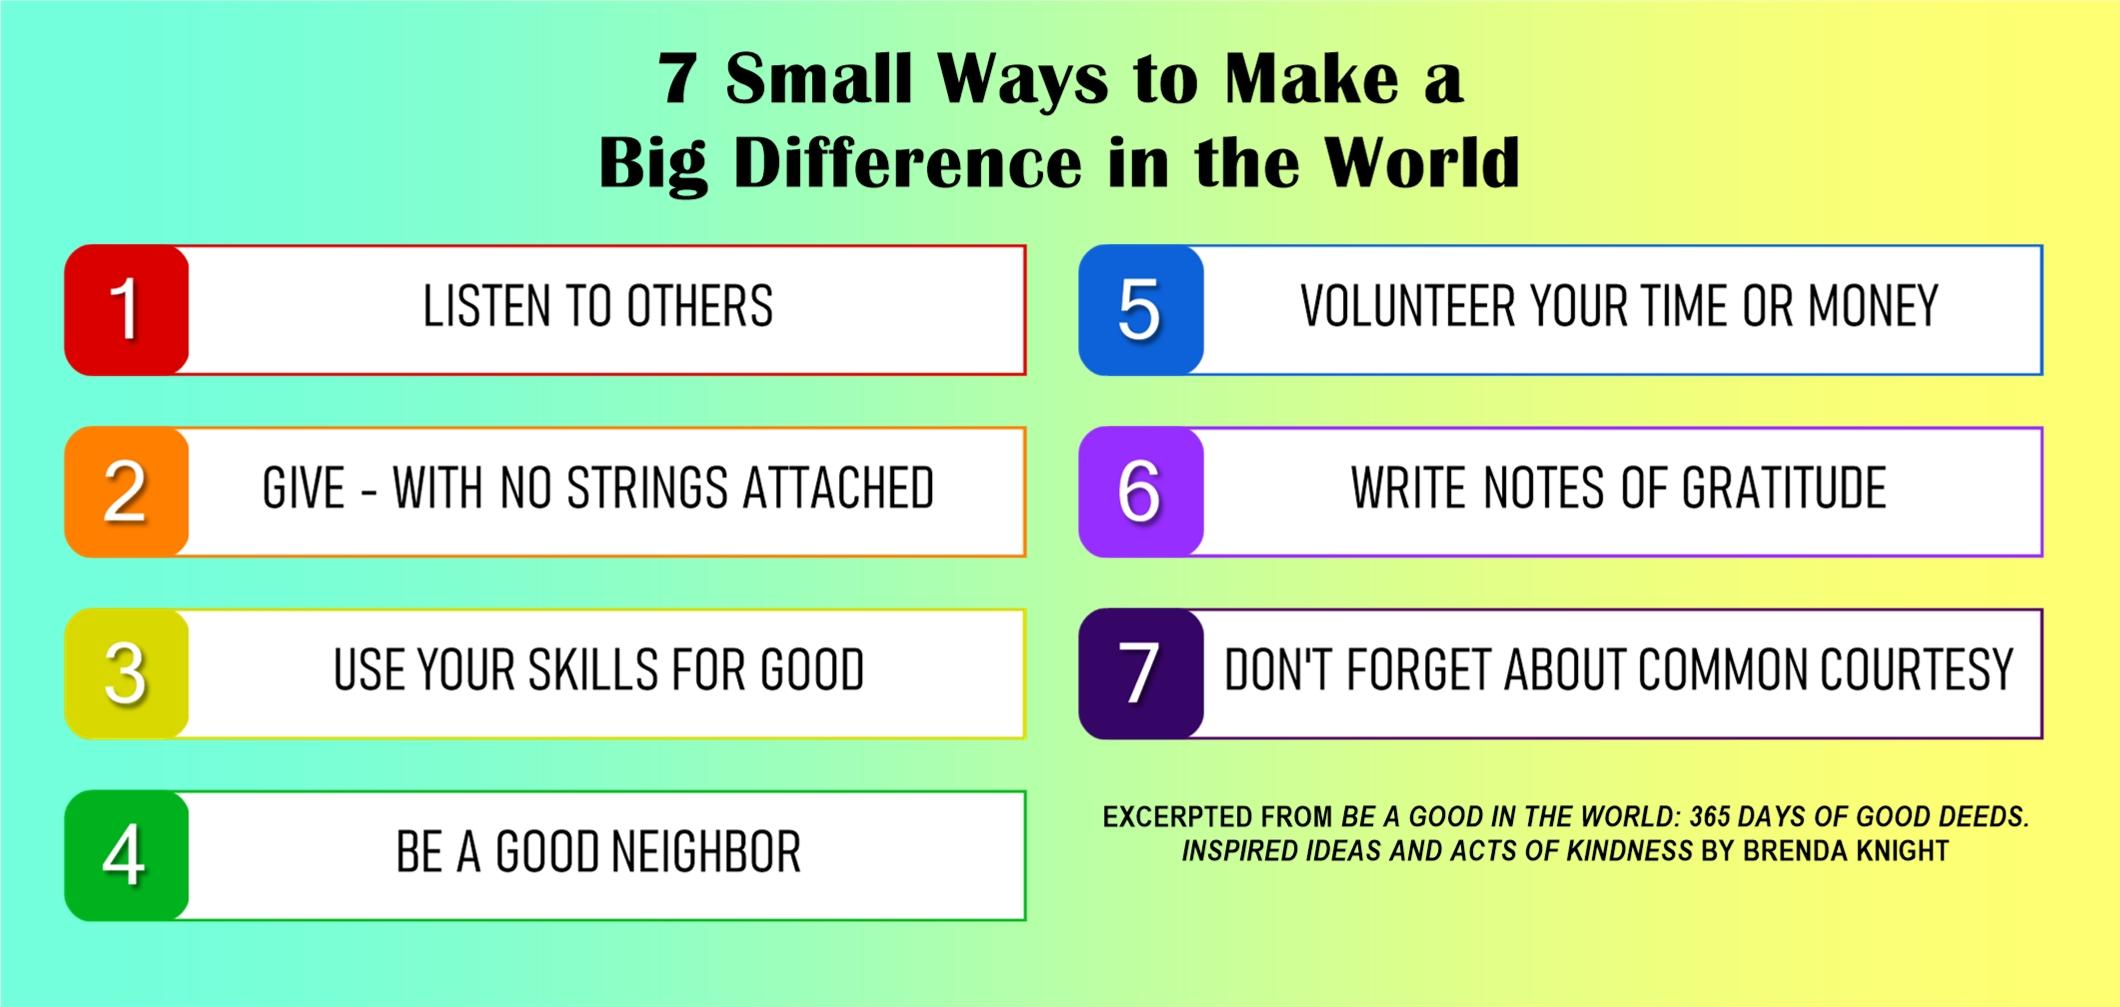 7 Small Ways